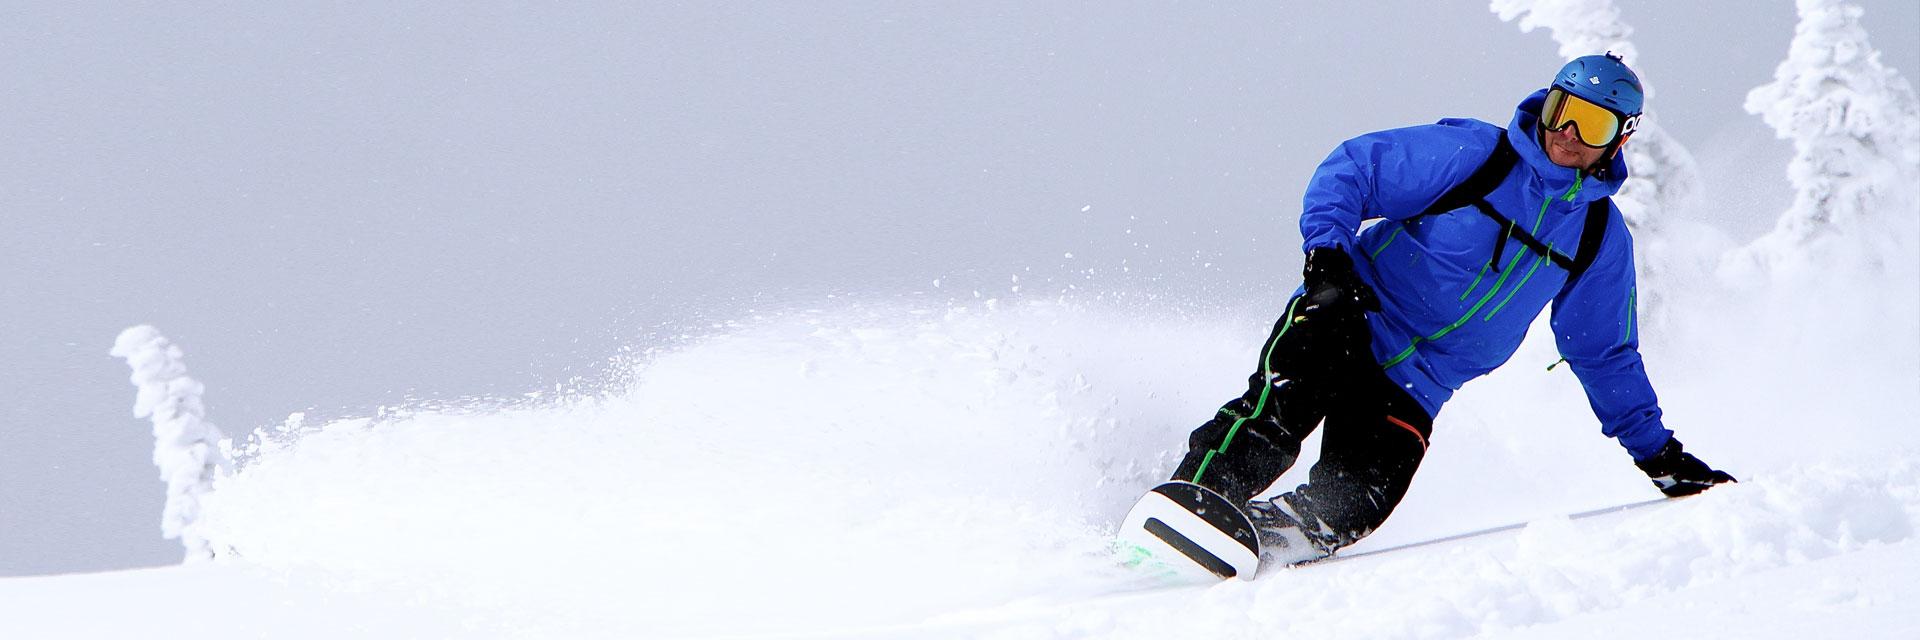 Der Hochsitz - Snowboardfahrer auf der Piste